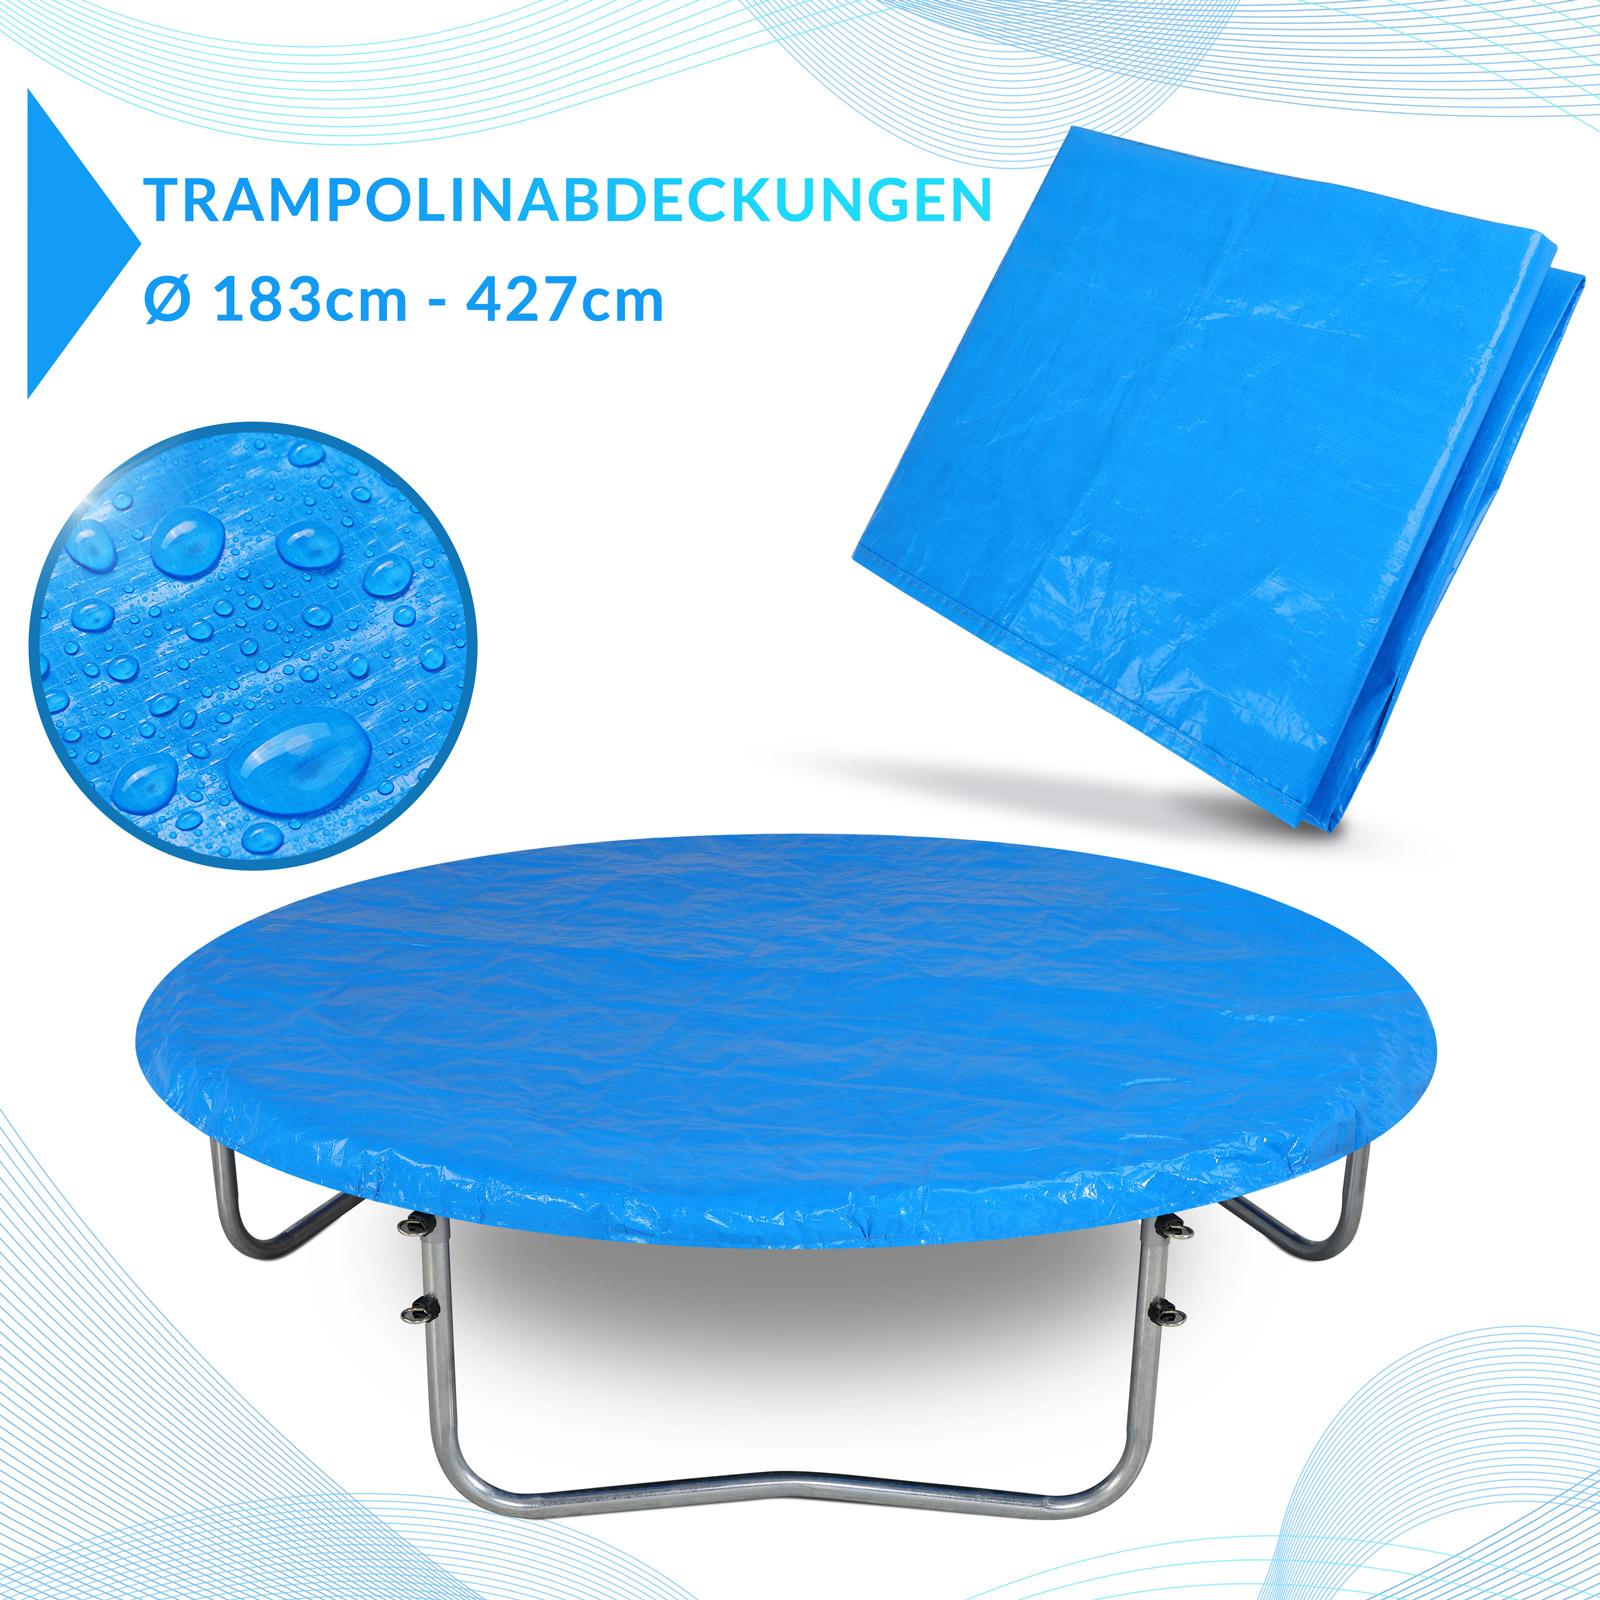 abdeckung trampolin 244 426cm abdeckplane plane h lle regenschutz wetterplane ebay. Black Bedroom Furniture Sets. Home Design Ideas